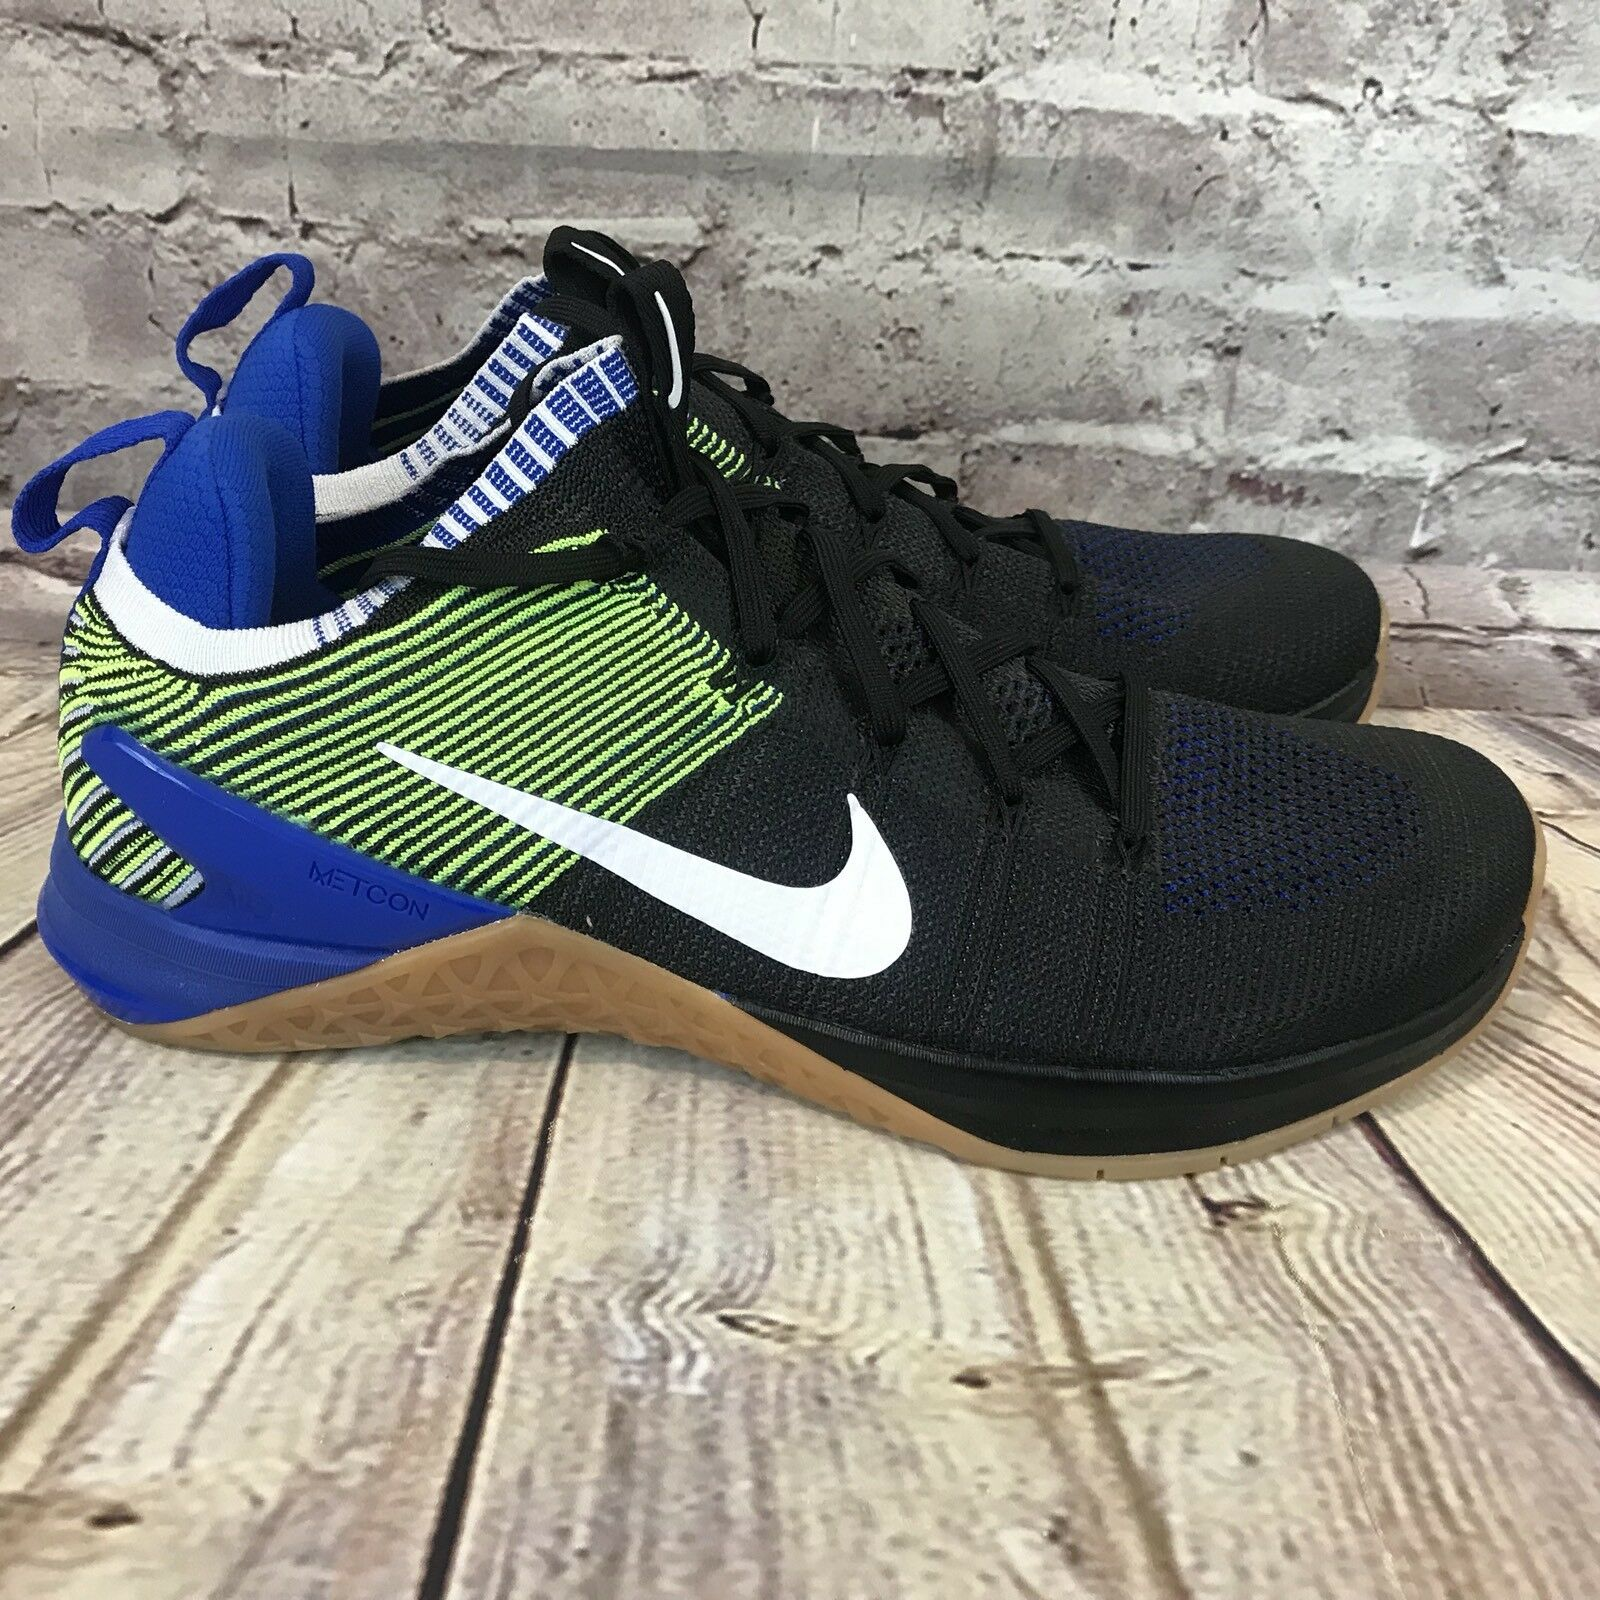 Nike Metcon DSX Flyknit 2 Men Size 11 Sneakers Black blueee Volt 924423-006